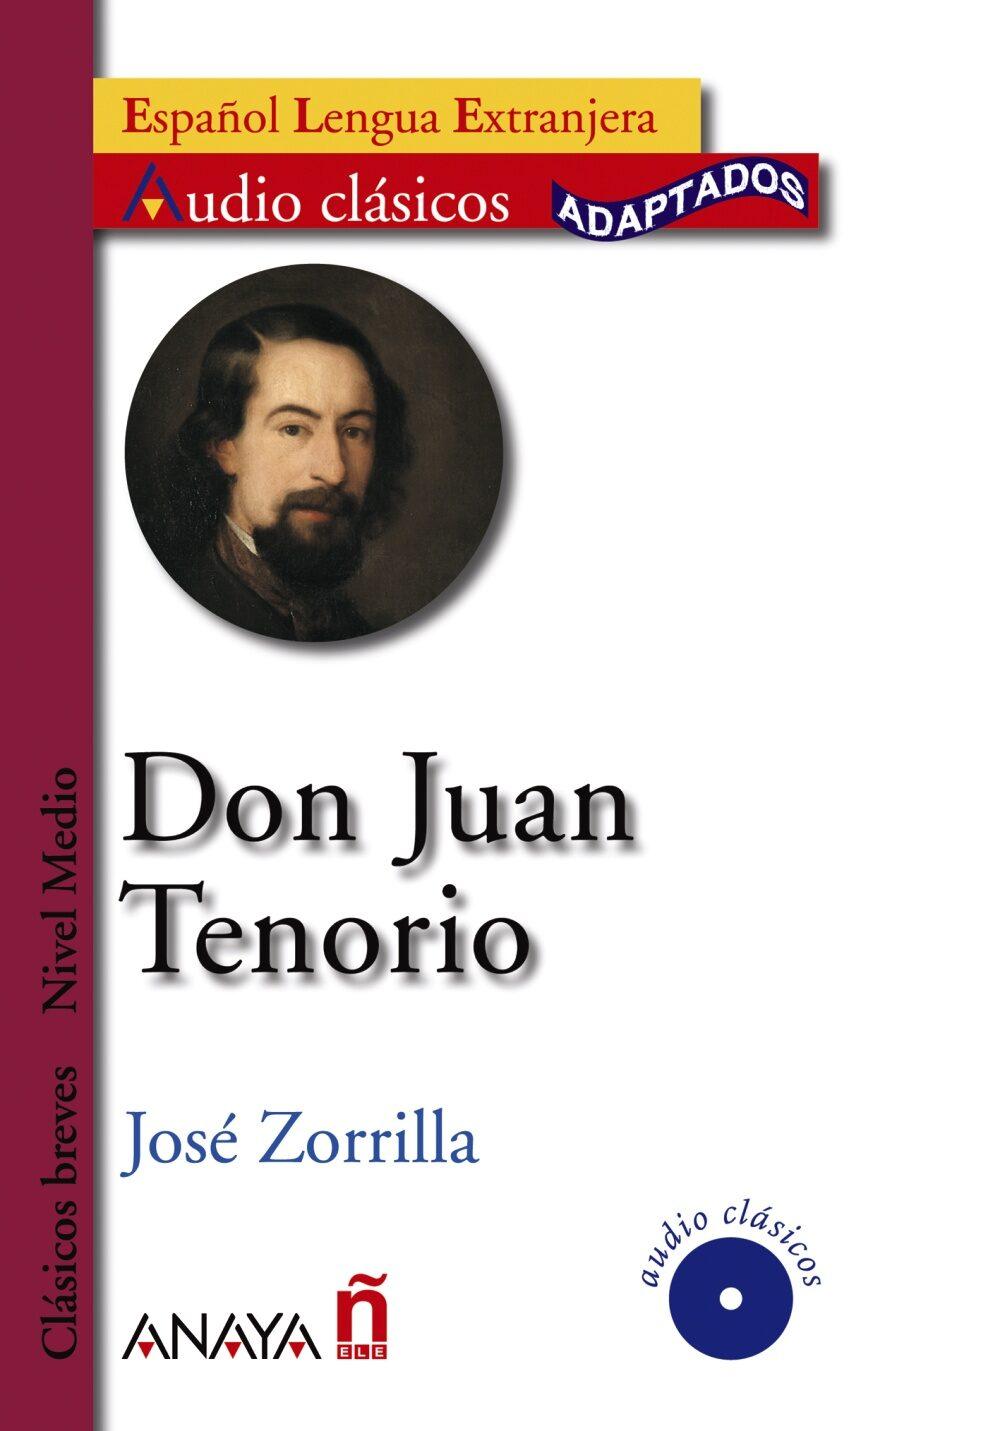 Don Juan Tenorio (lecturas Audio-clasicos Adaptados Nivel Medio) (espa - Zorrilla Del Moral Jose